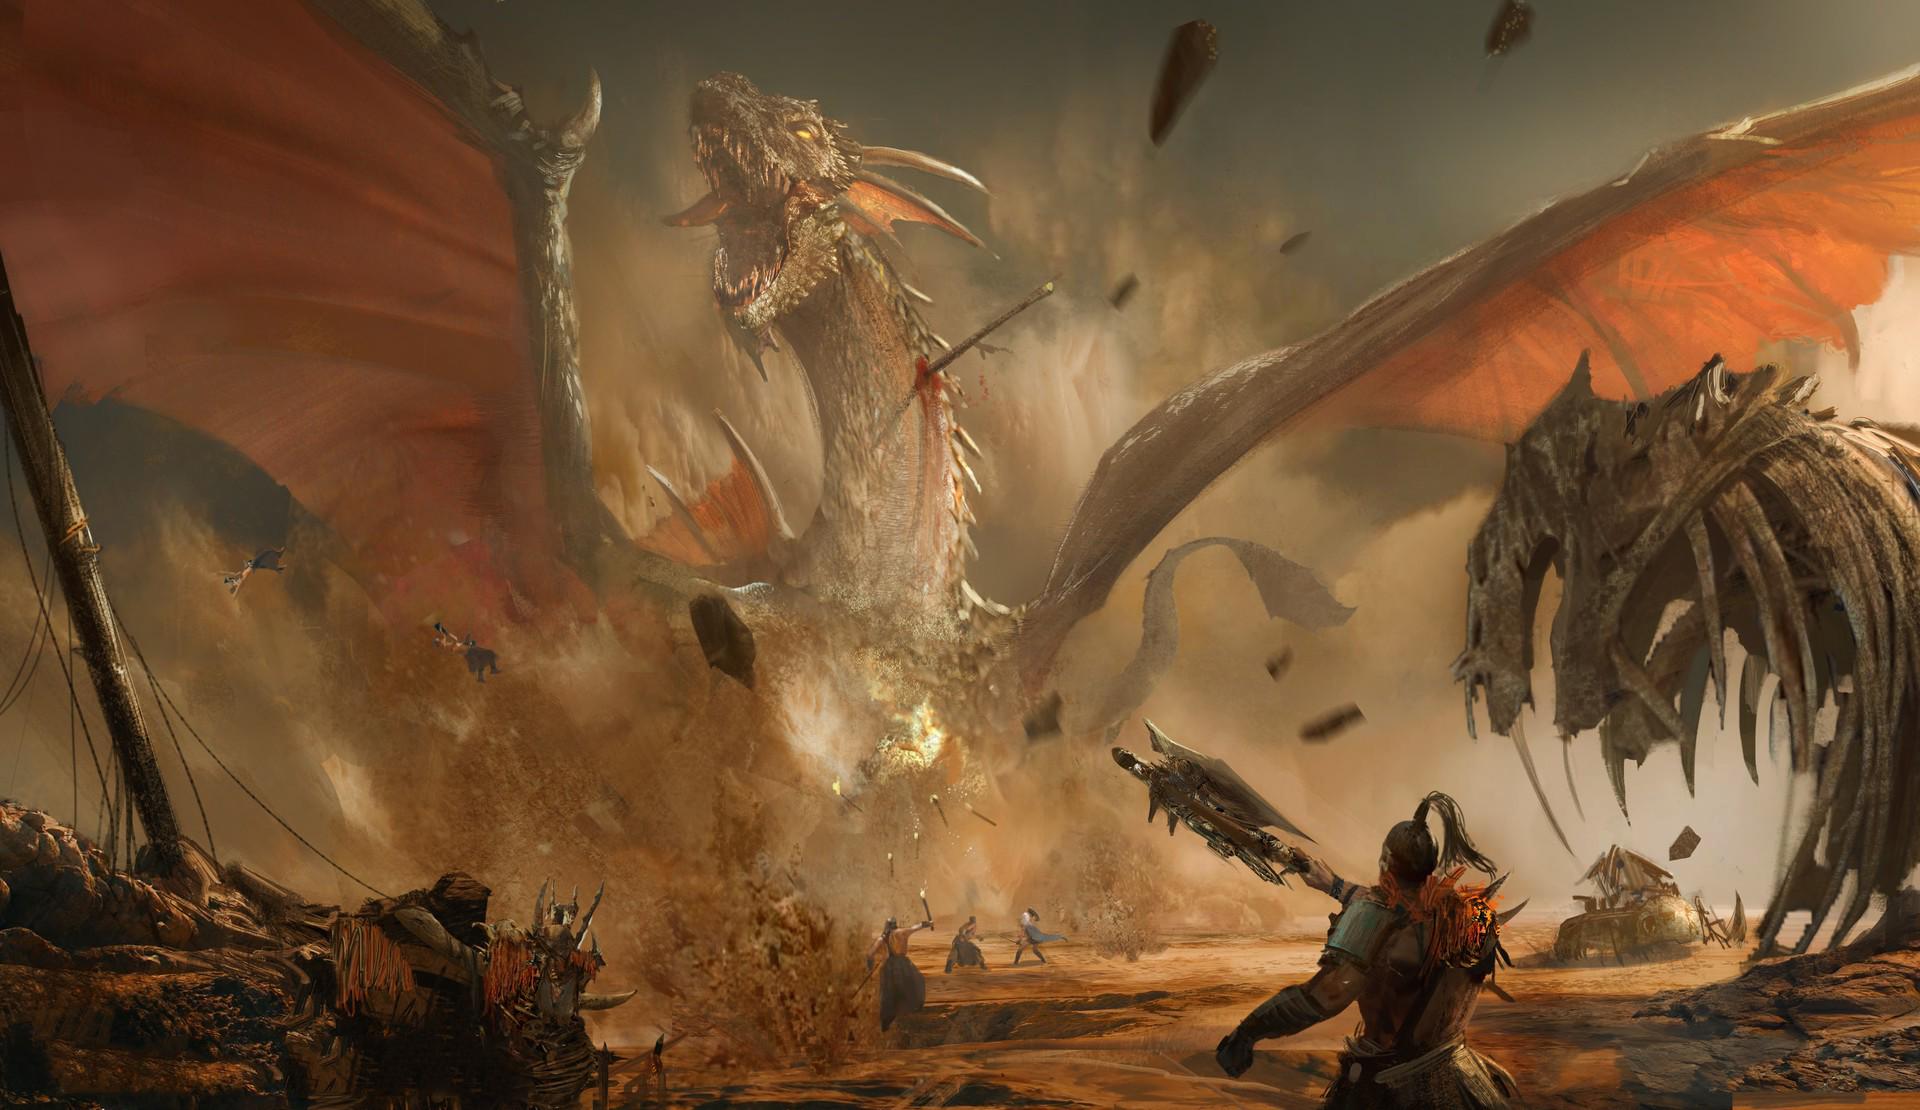 картинки нападающие драконы рыцари знаете что